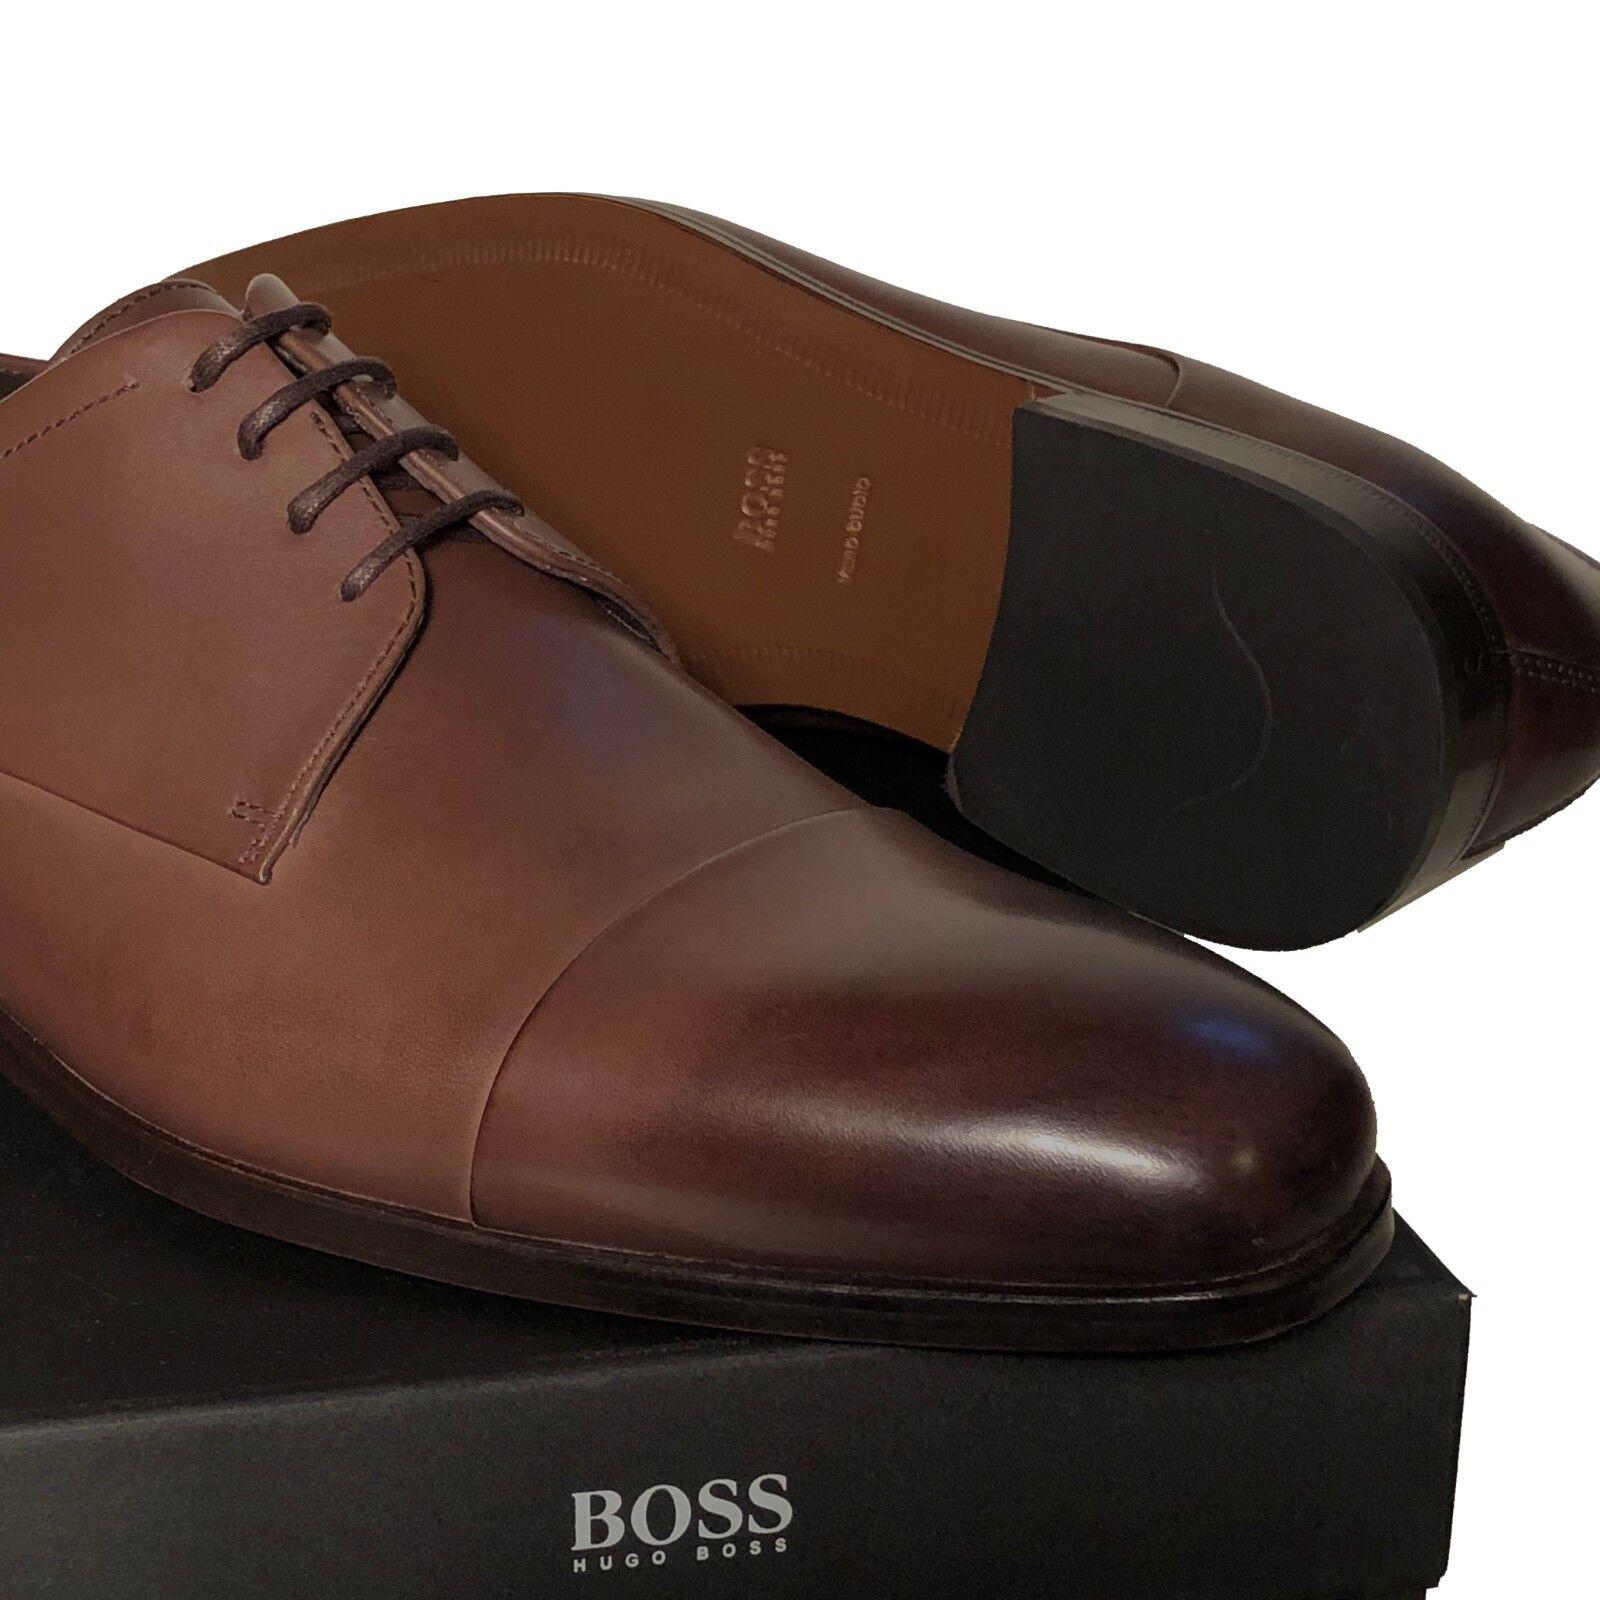 Nuevo Hugo Boss Gorra De Cuero Marrón Oscuro-TOE para hombres 12 45 Oxford De Vestir Formal Informal